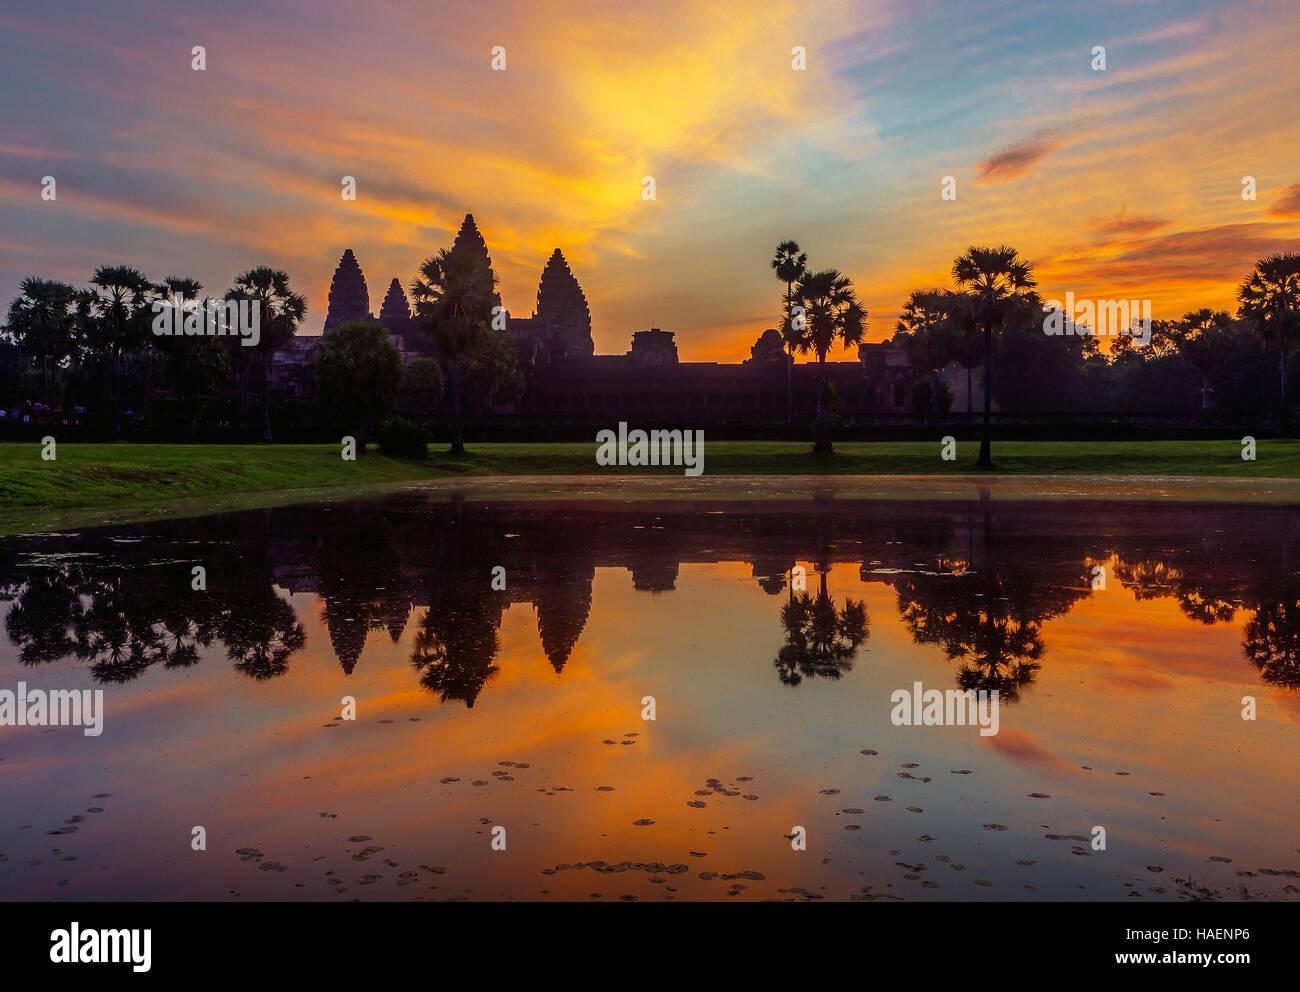 Amanecer en Angkor Wat, Siem Reap, Reino de Camboya. Imagen De Stock